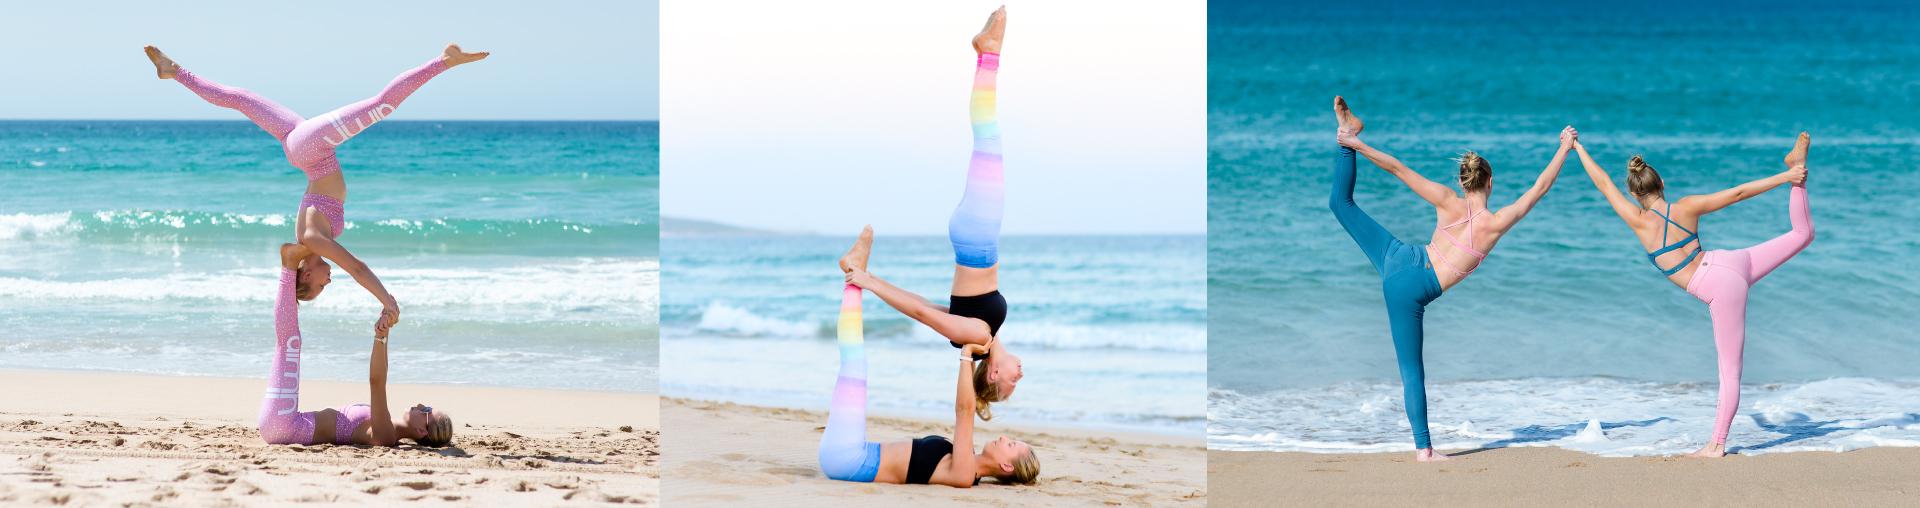 Acro Yoga Twins